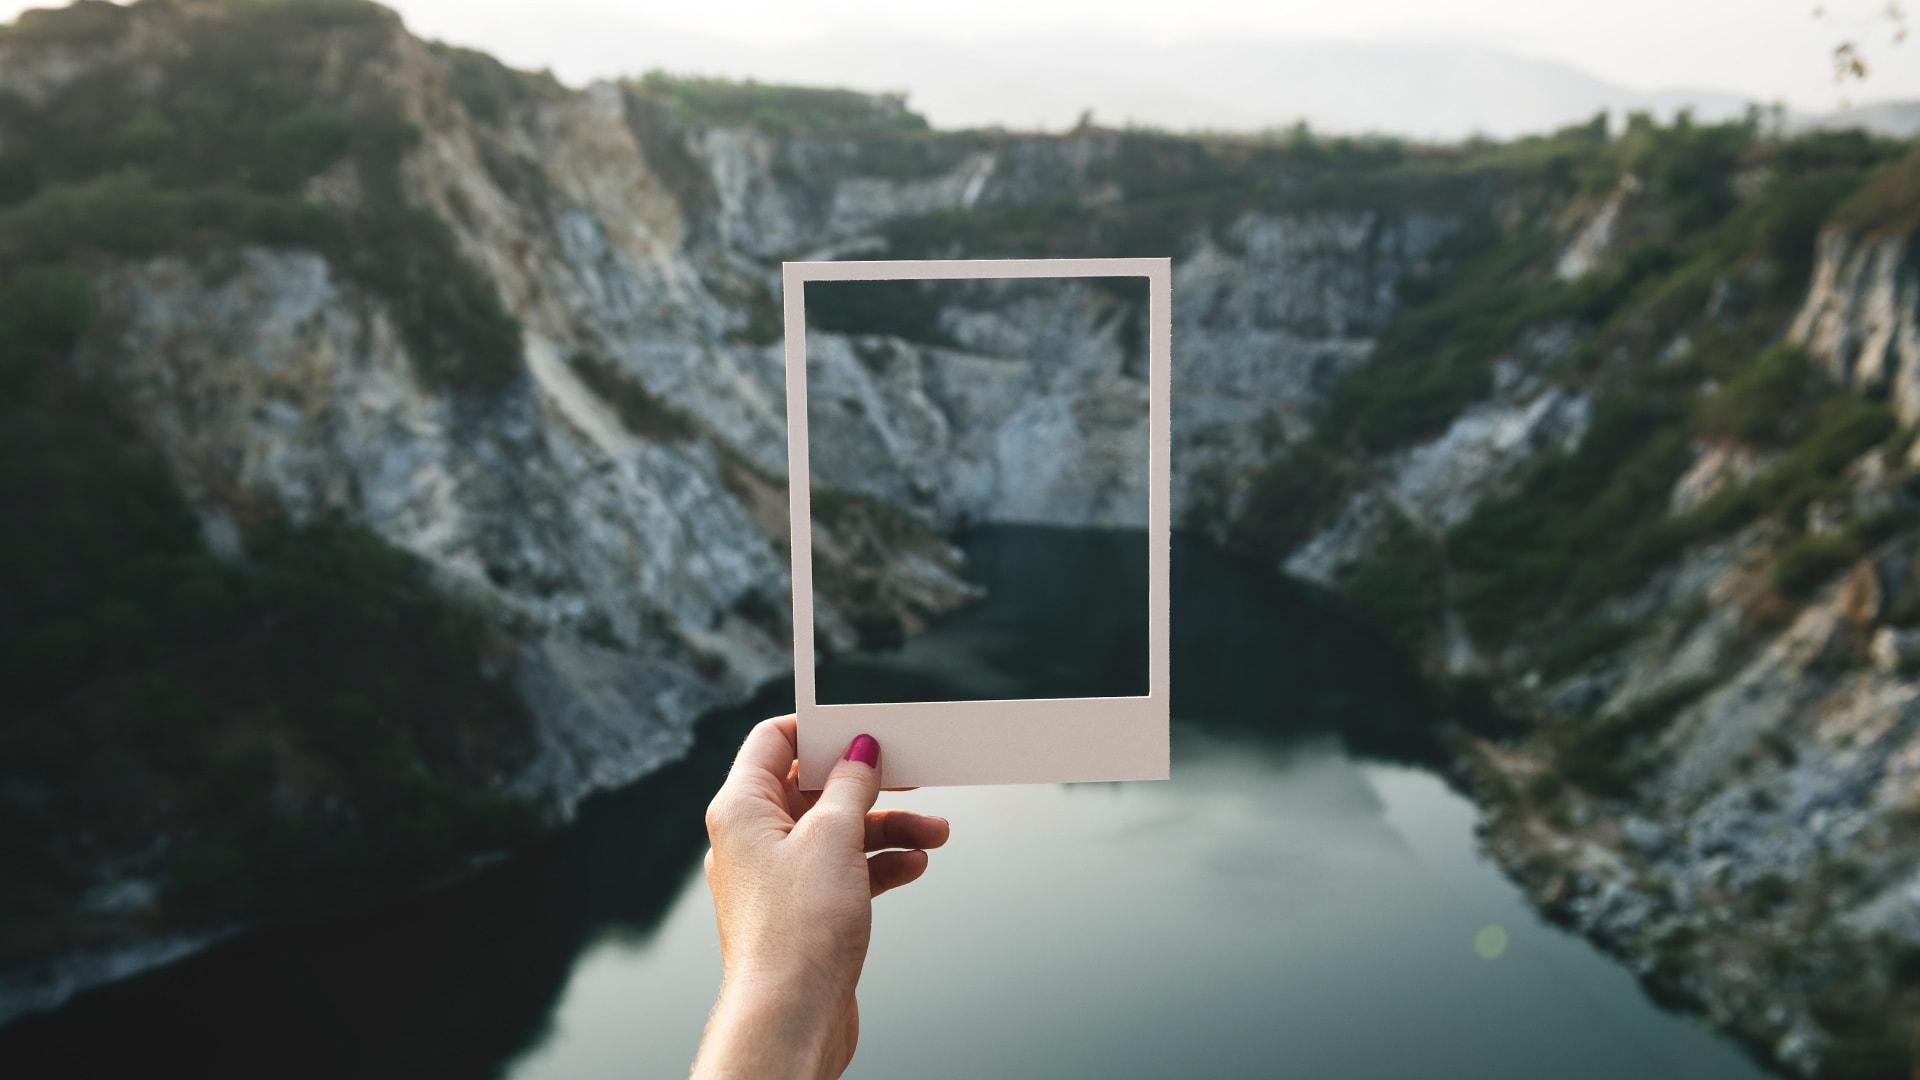 image as background, background image